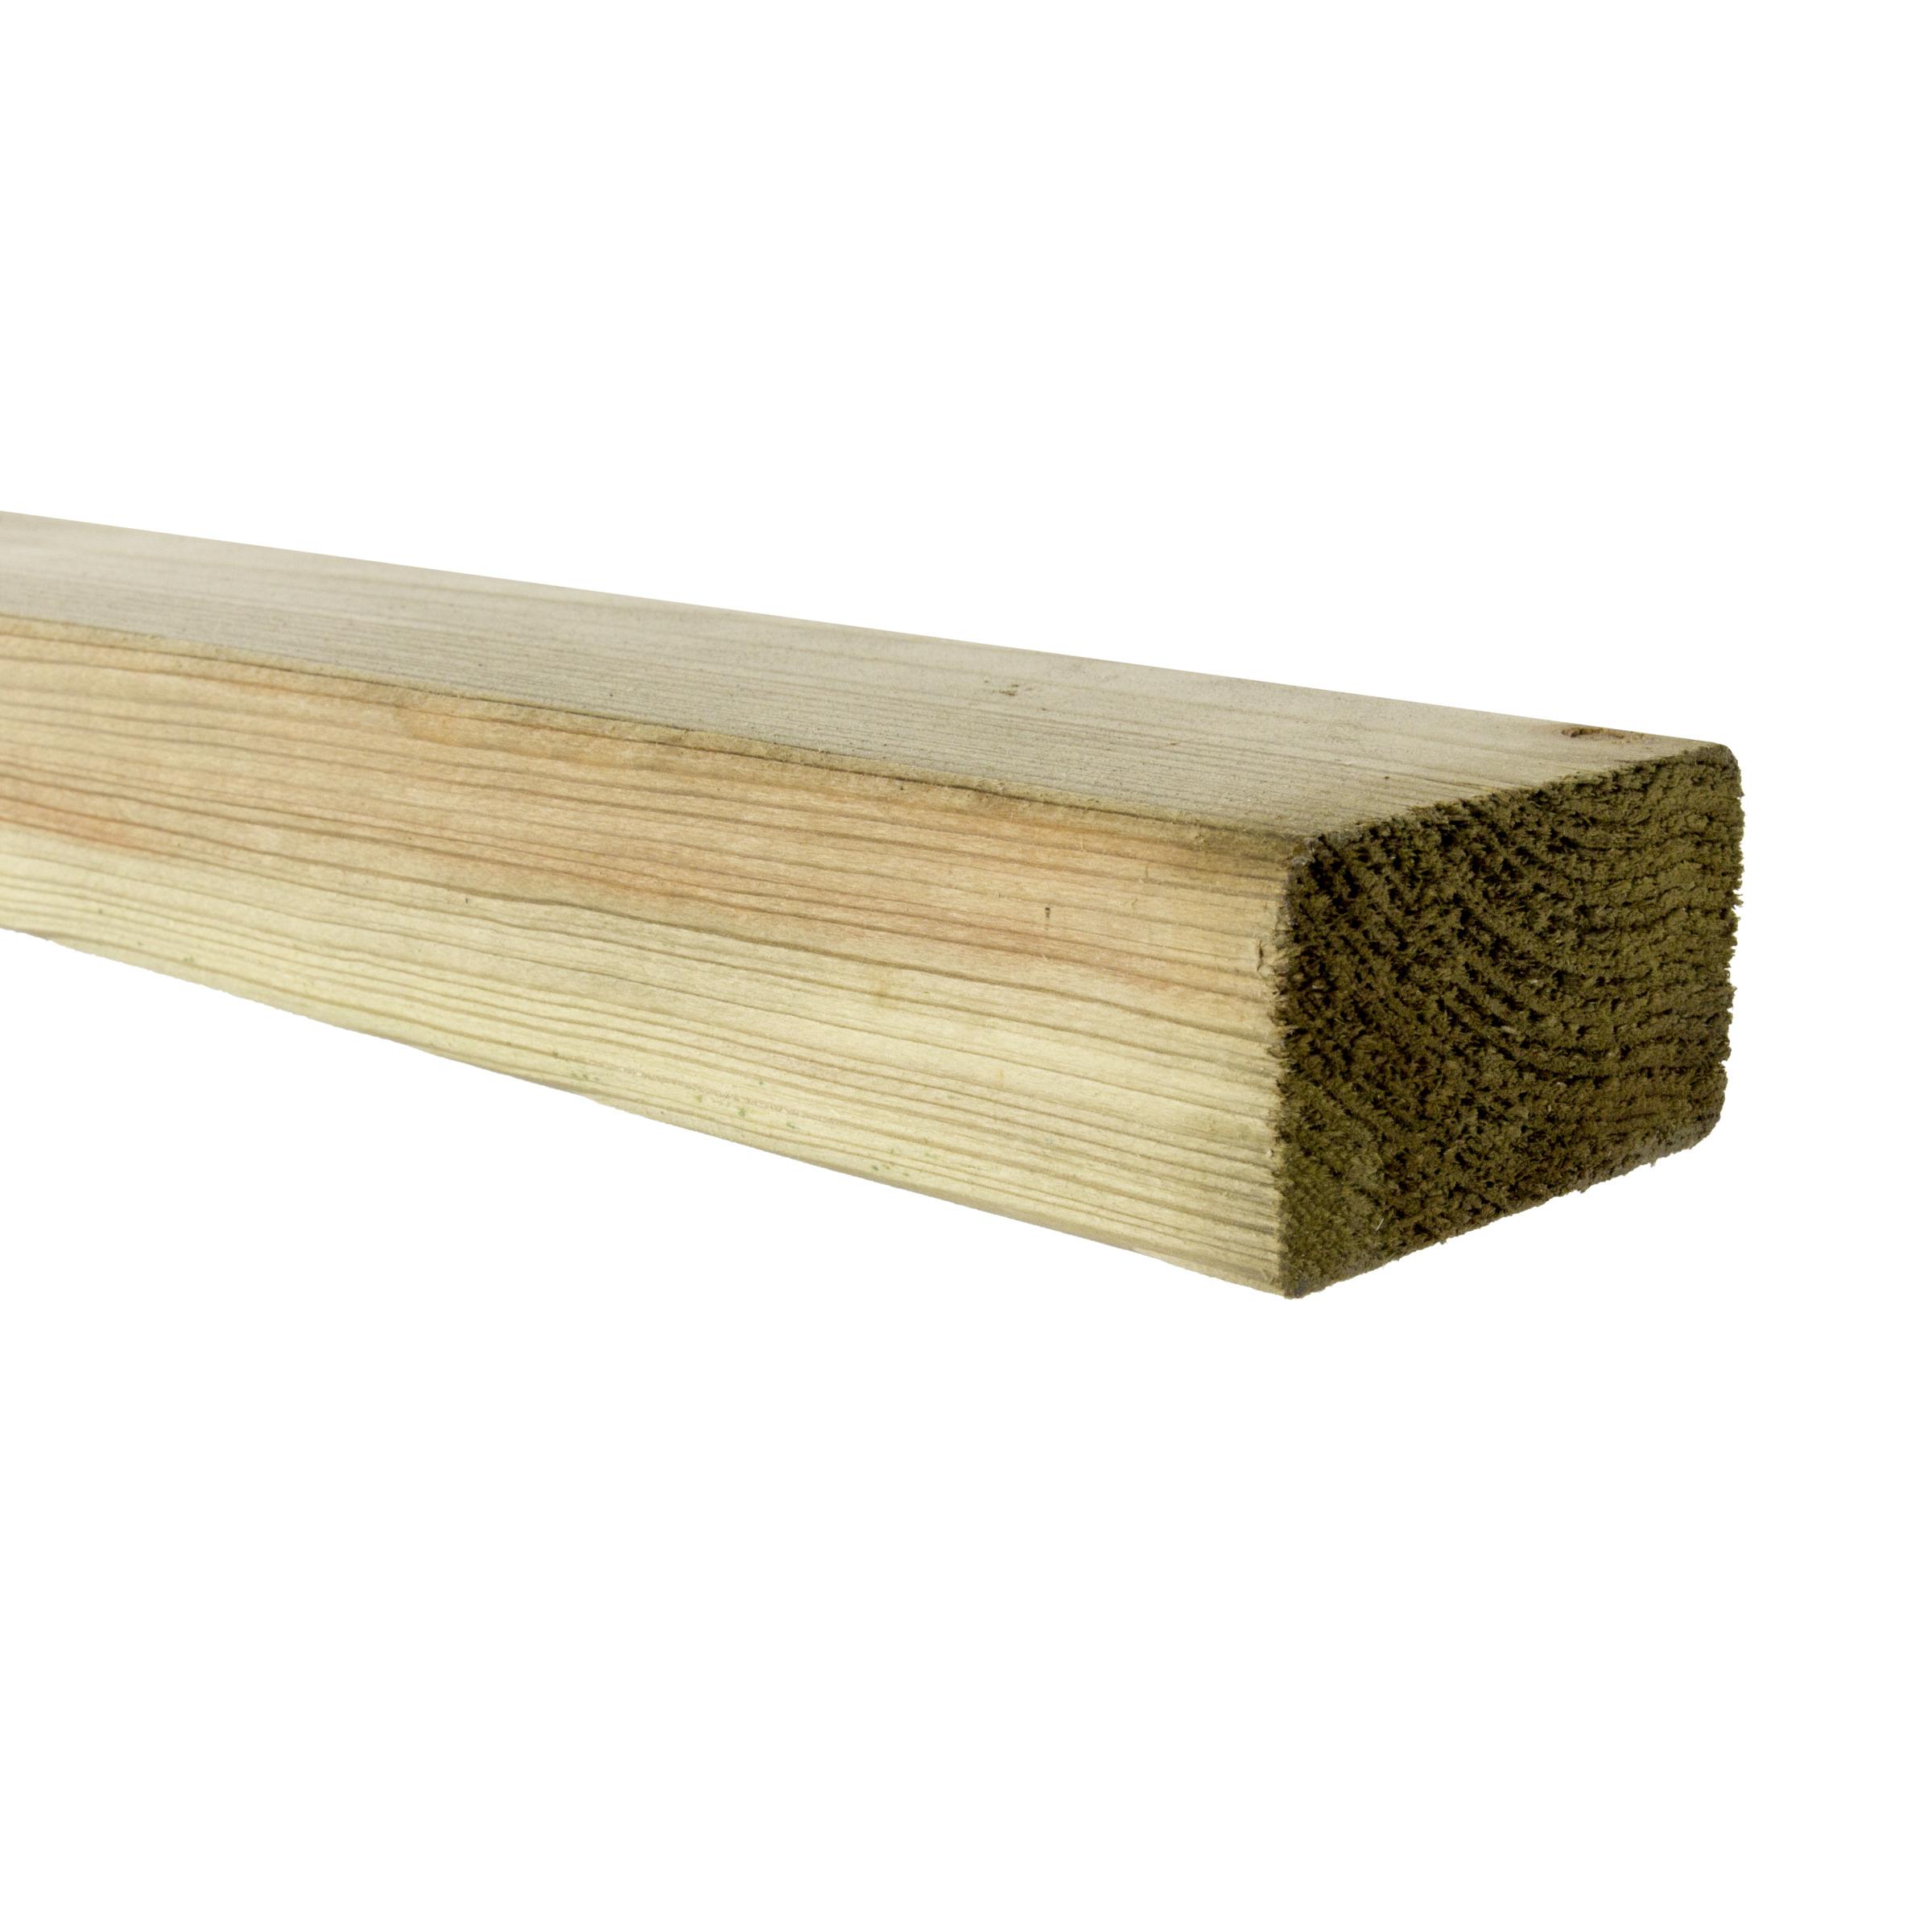 Eaglewood tuinbalk gewaxed 240x6,8x4,4 cm